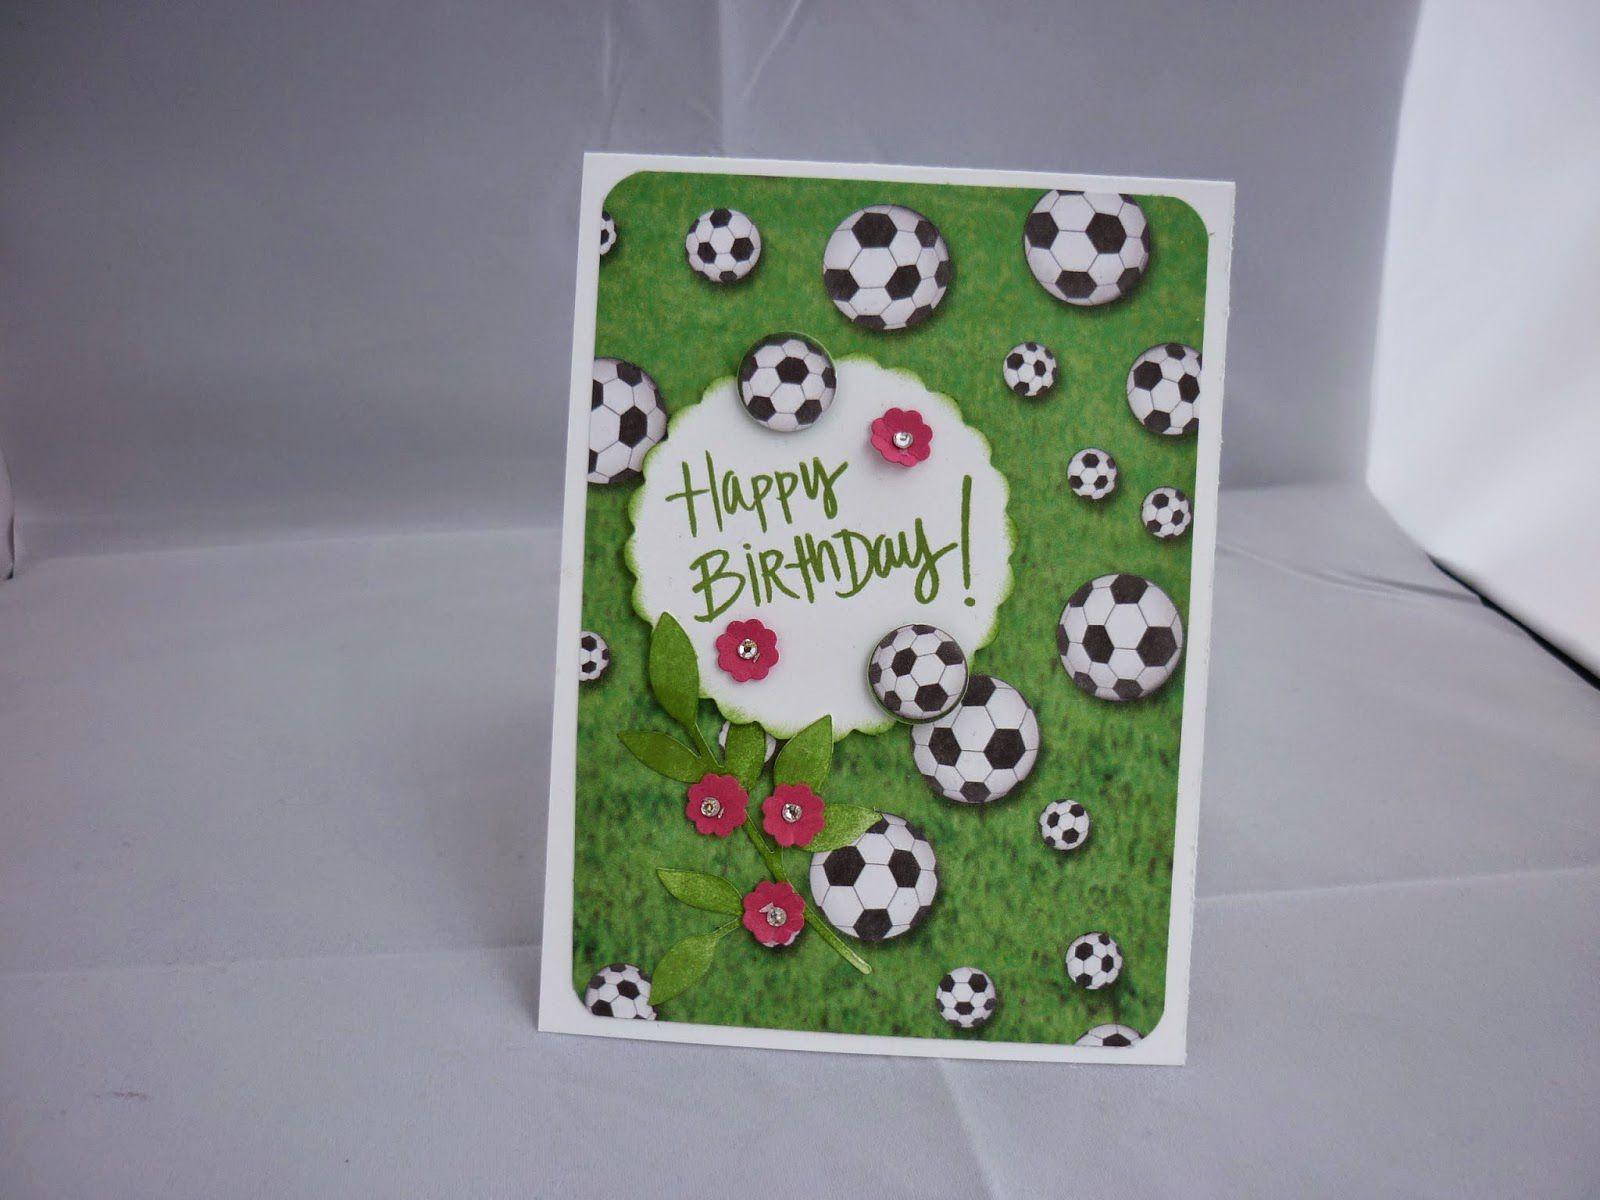 Geburtstagssprüche Fußball  Geburtstagssprüche Fußball Kinder